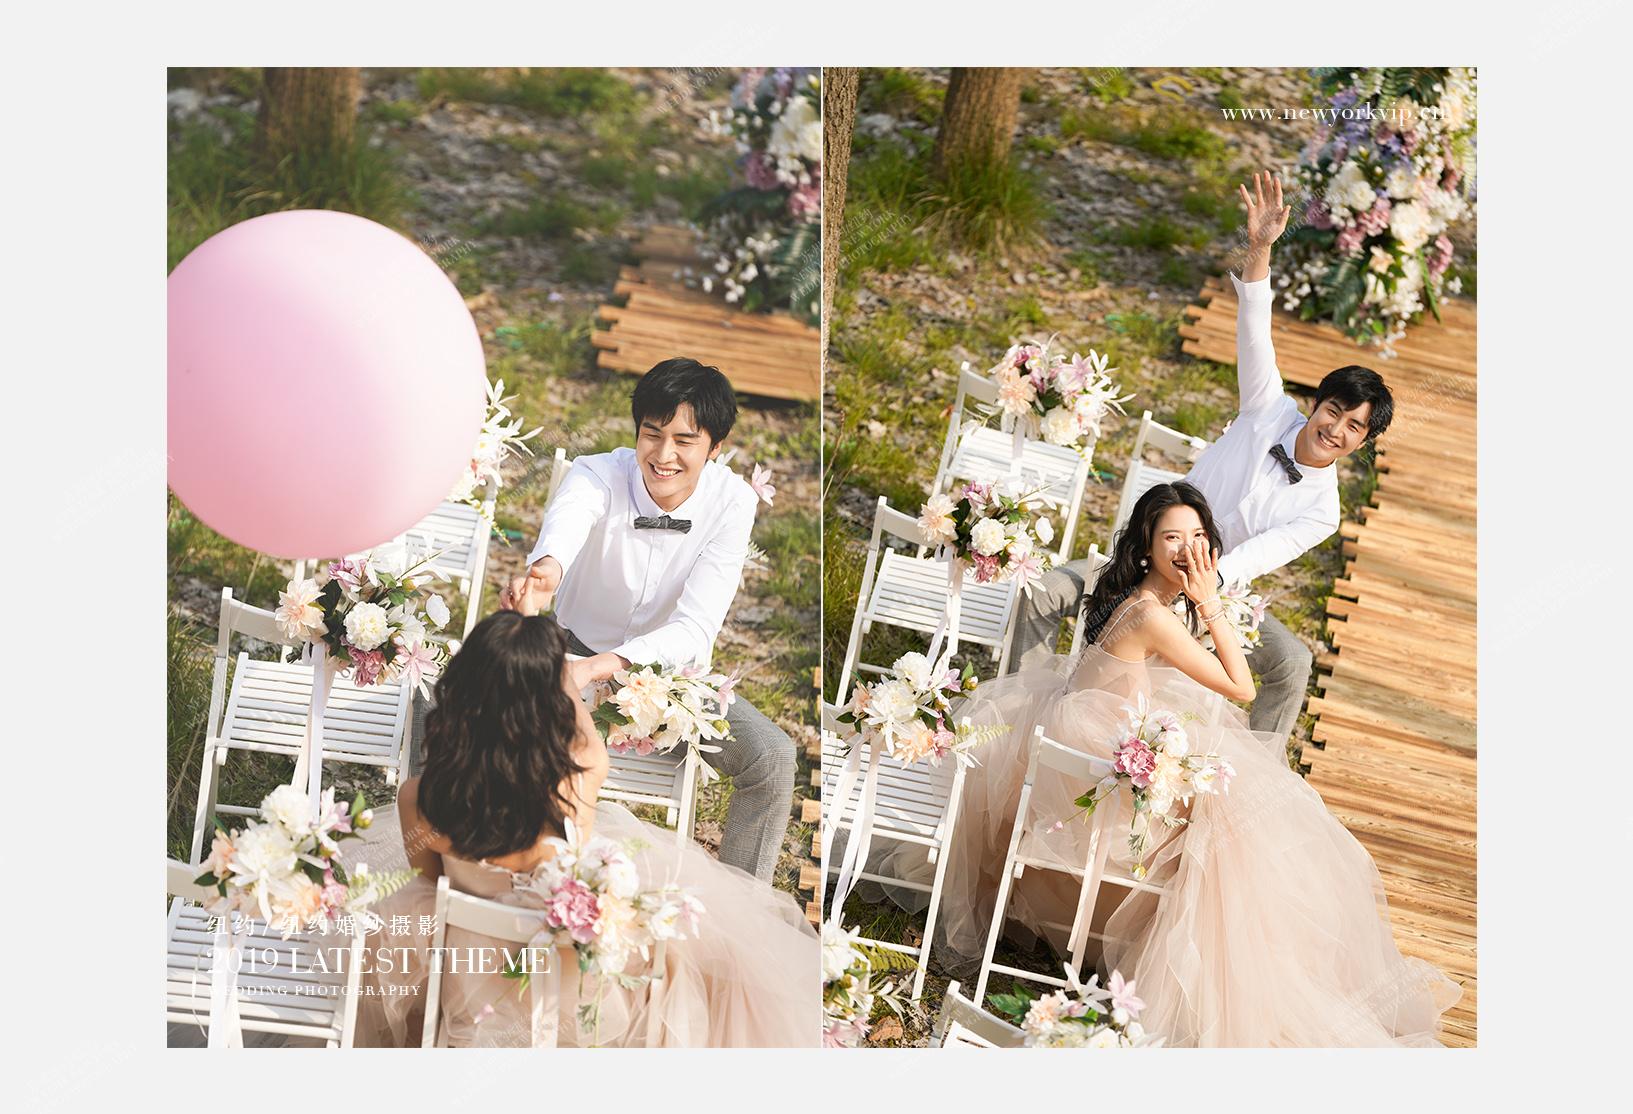 梦娜 Mona系列婚纱摄影照